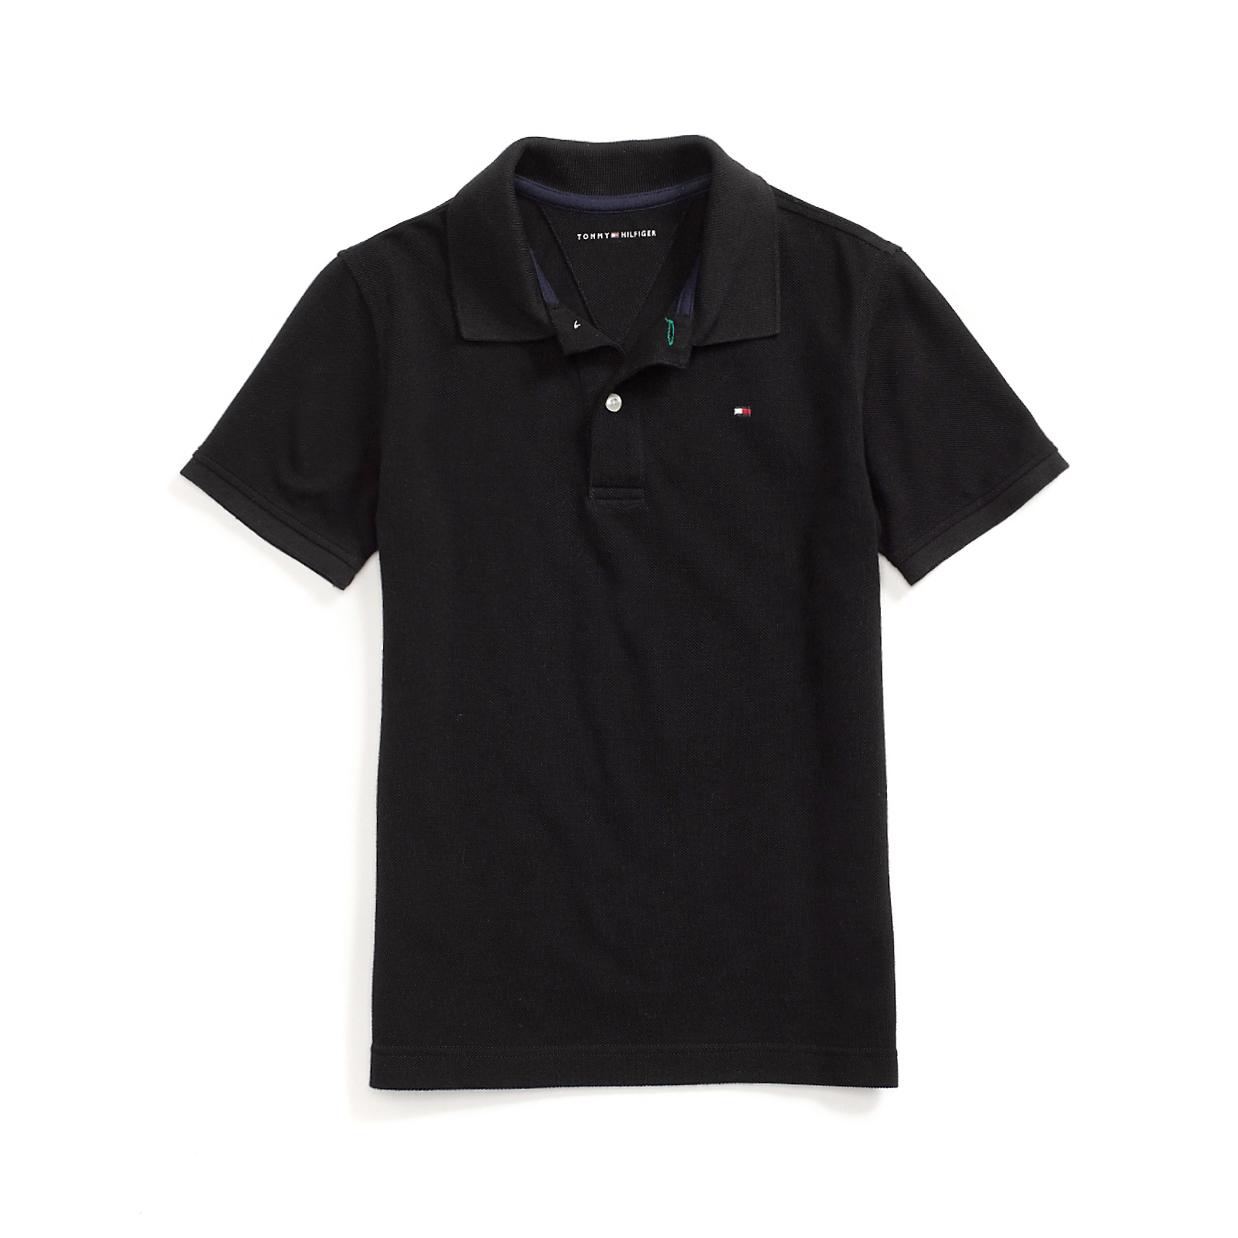 美國百分百【全新真品】Tommy Hilfiger Polo衫 TH 短袖 上衣 素面 網眼 黑色 XS號 F611